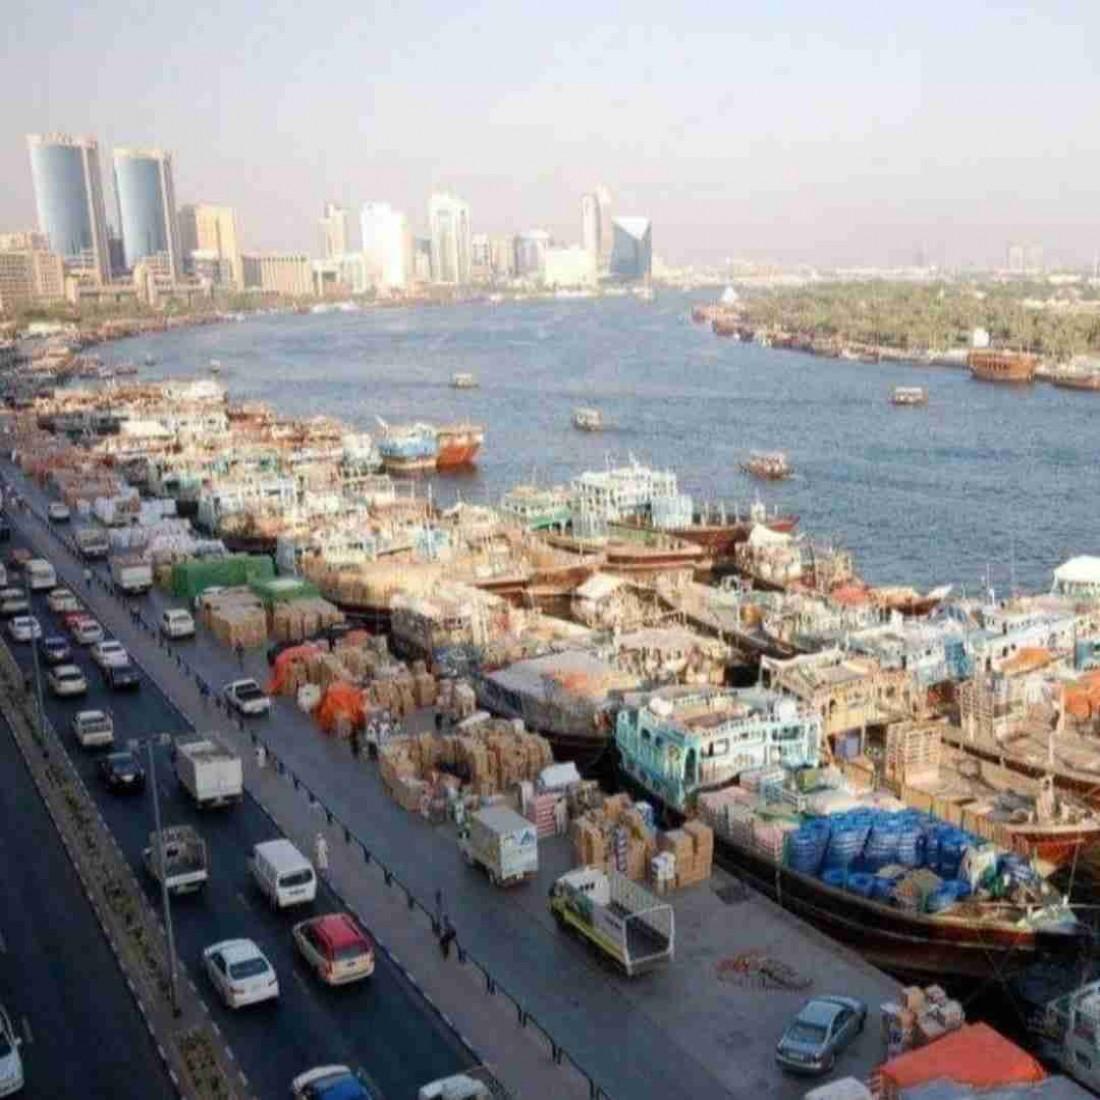 واردات ، صادرات و ترخیص کالا